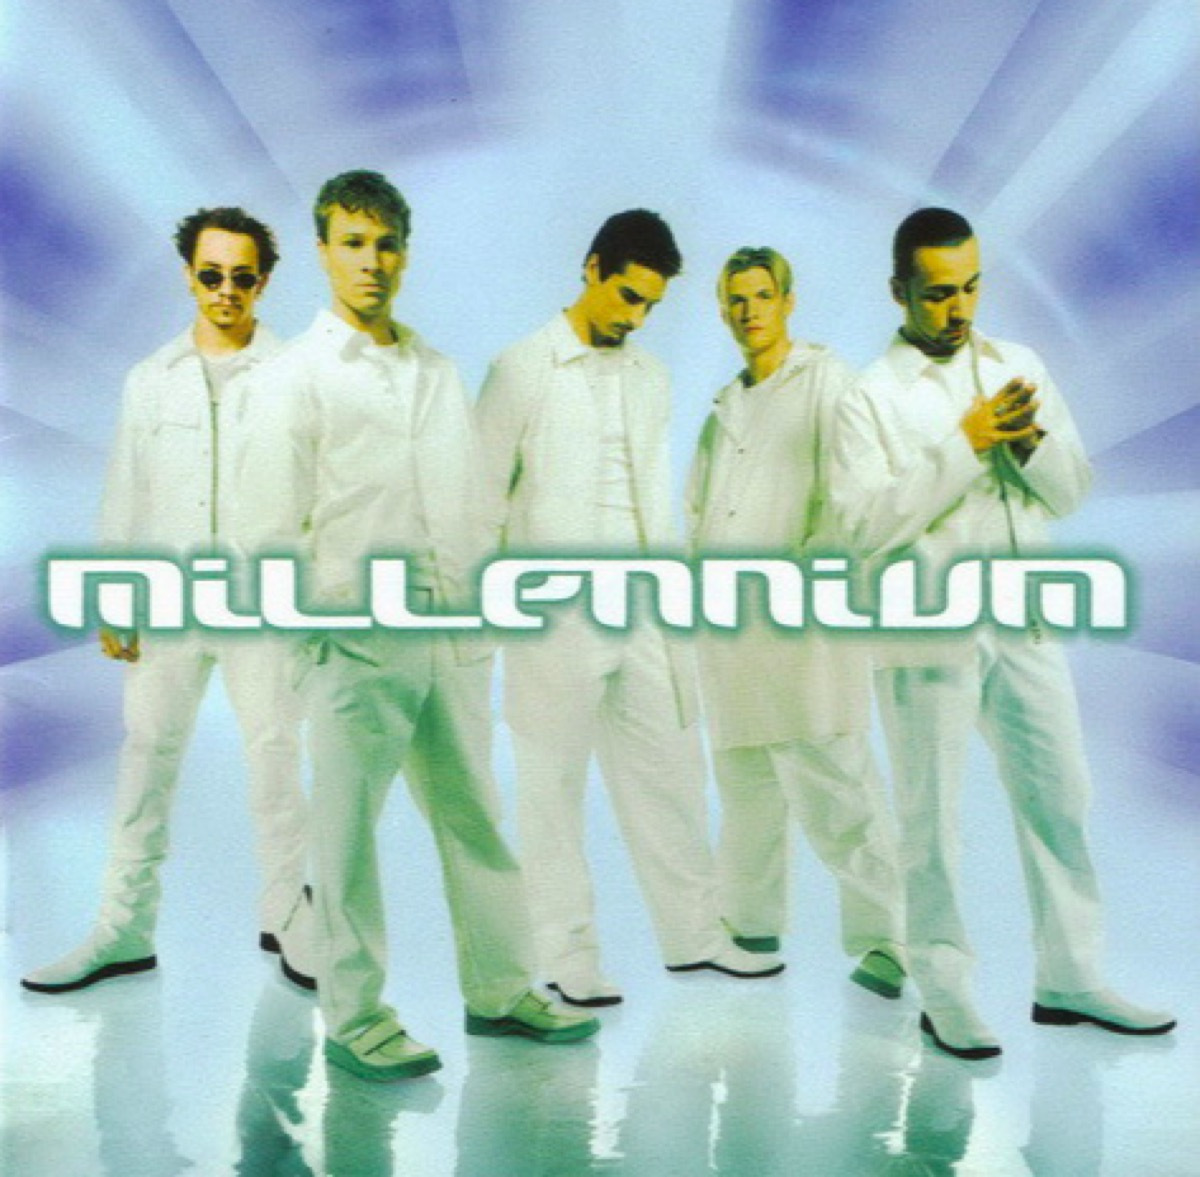 Millennium album Backstreet Boys